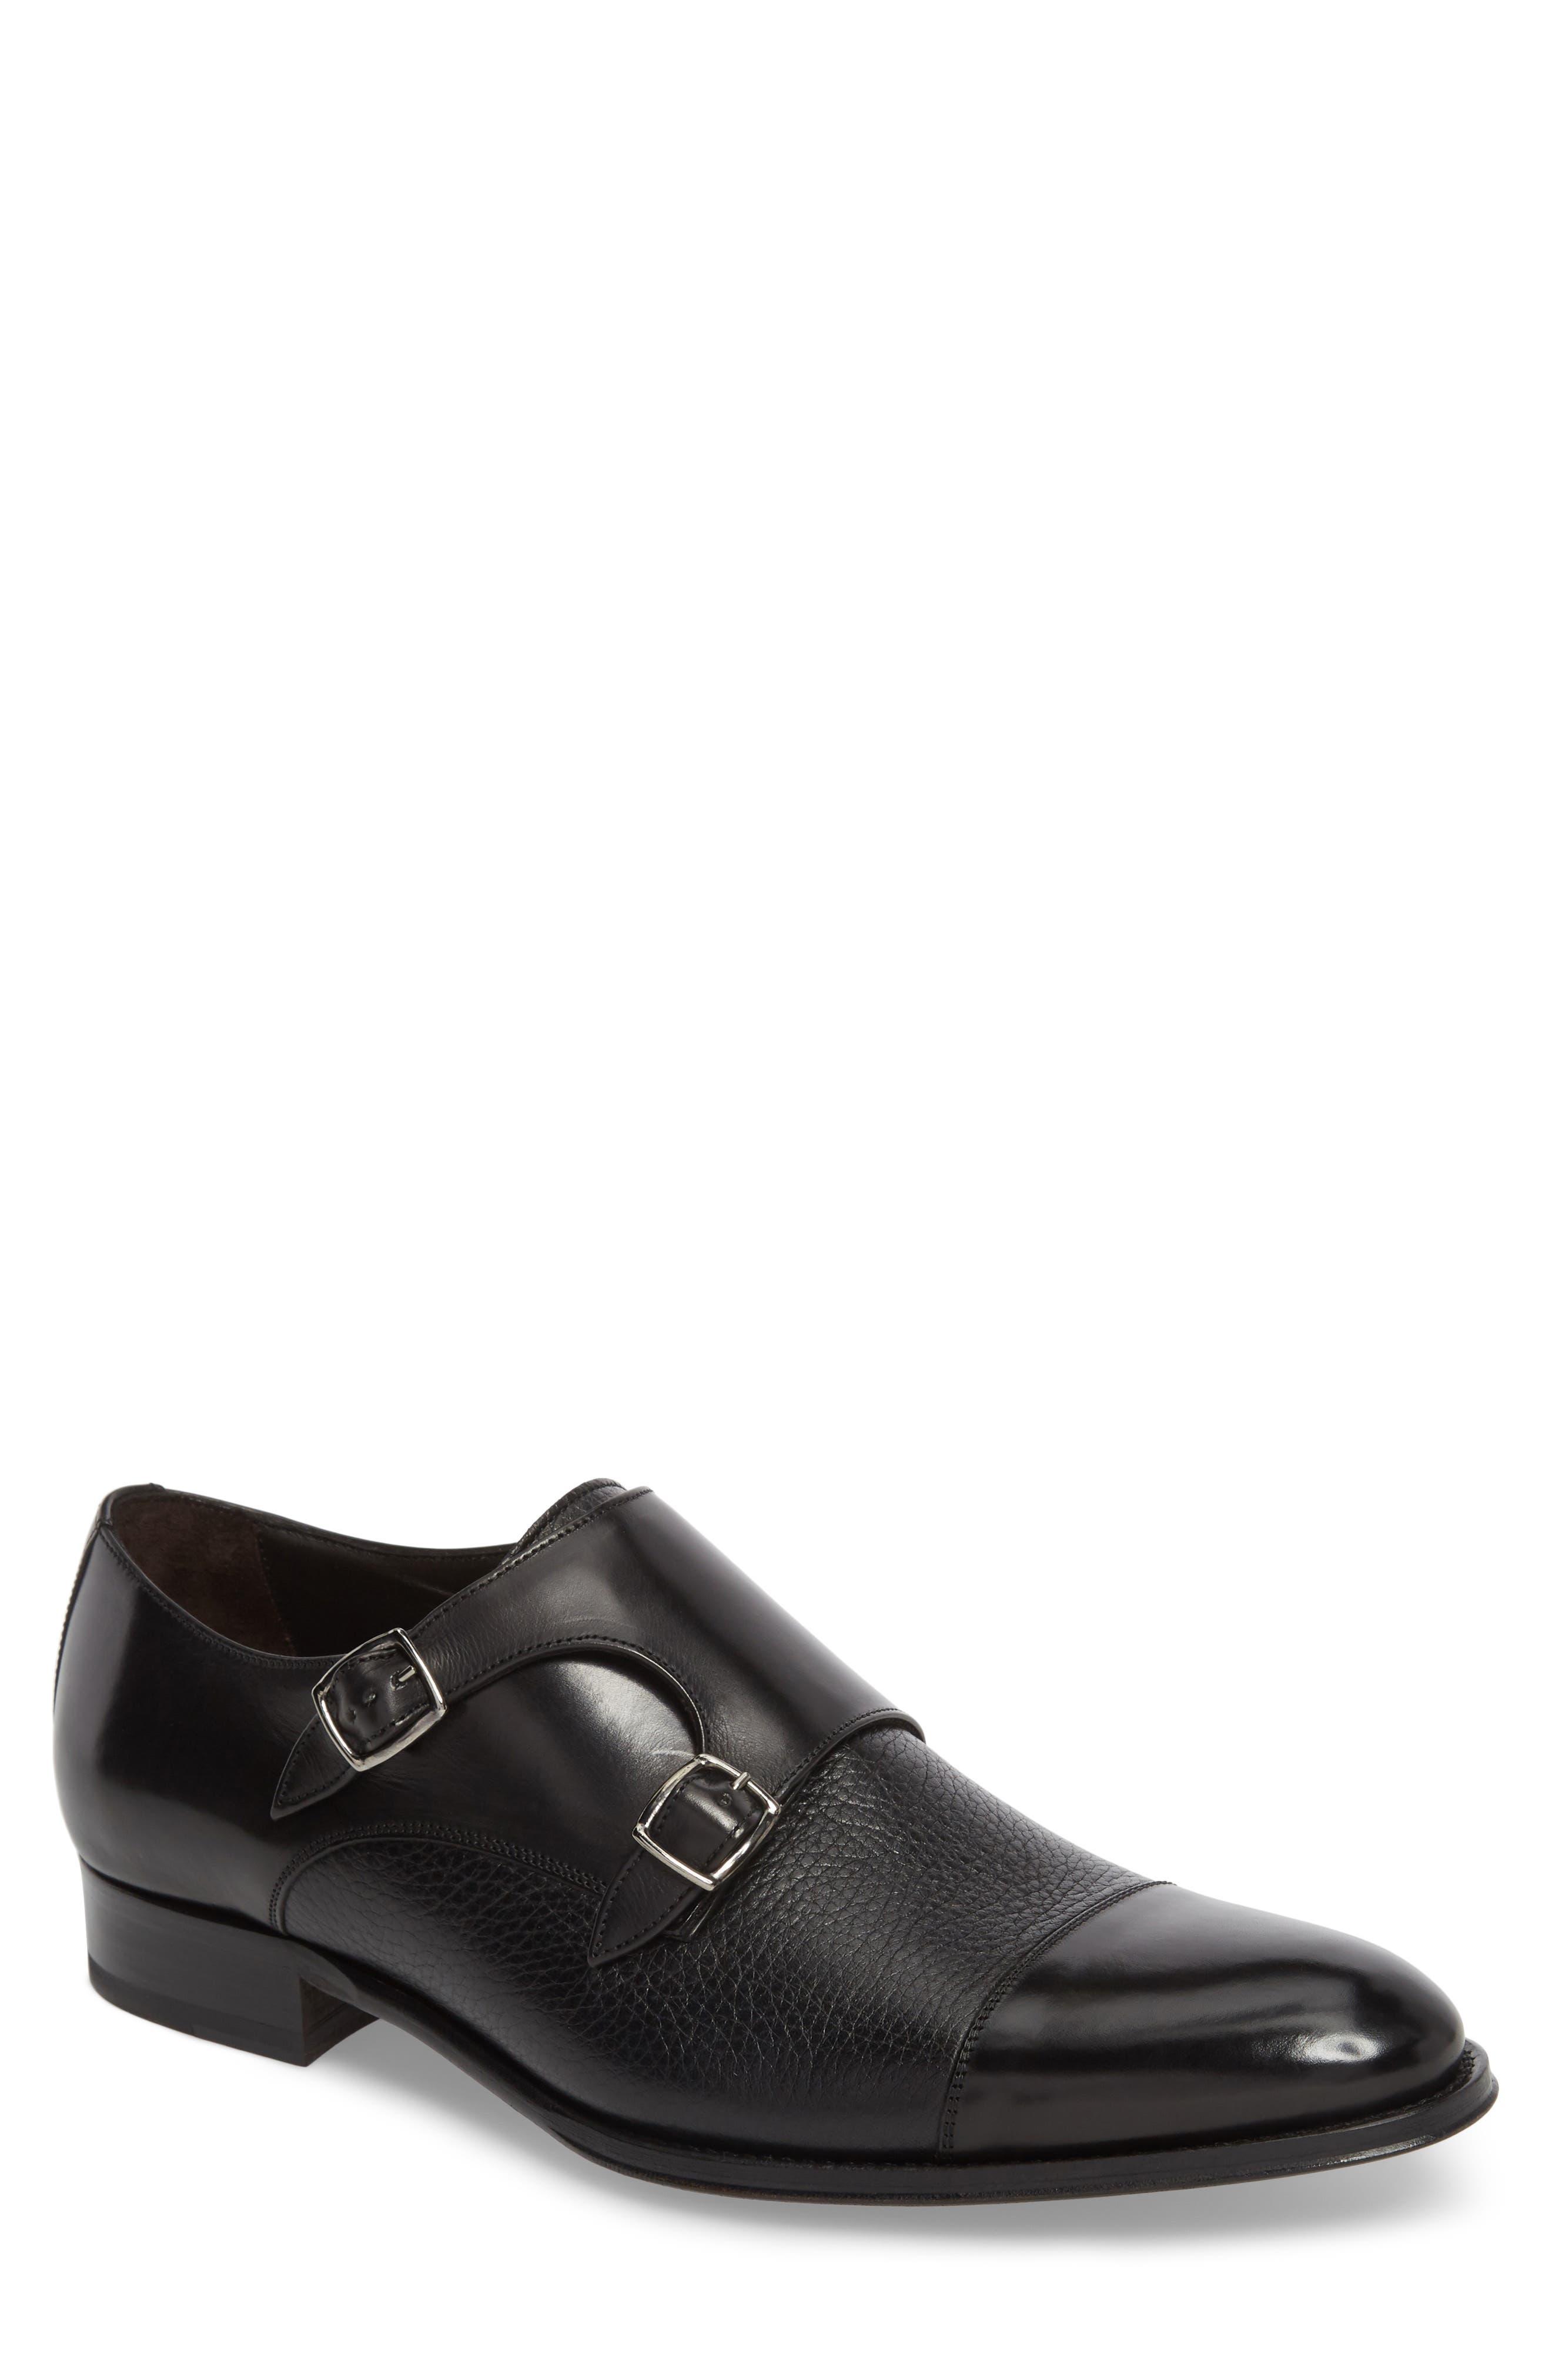 Kiev Double Monk Strap Shoe,                         Main,                         color, BLACK/ BLACK LEATHER